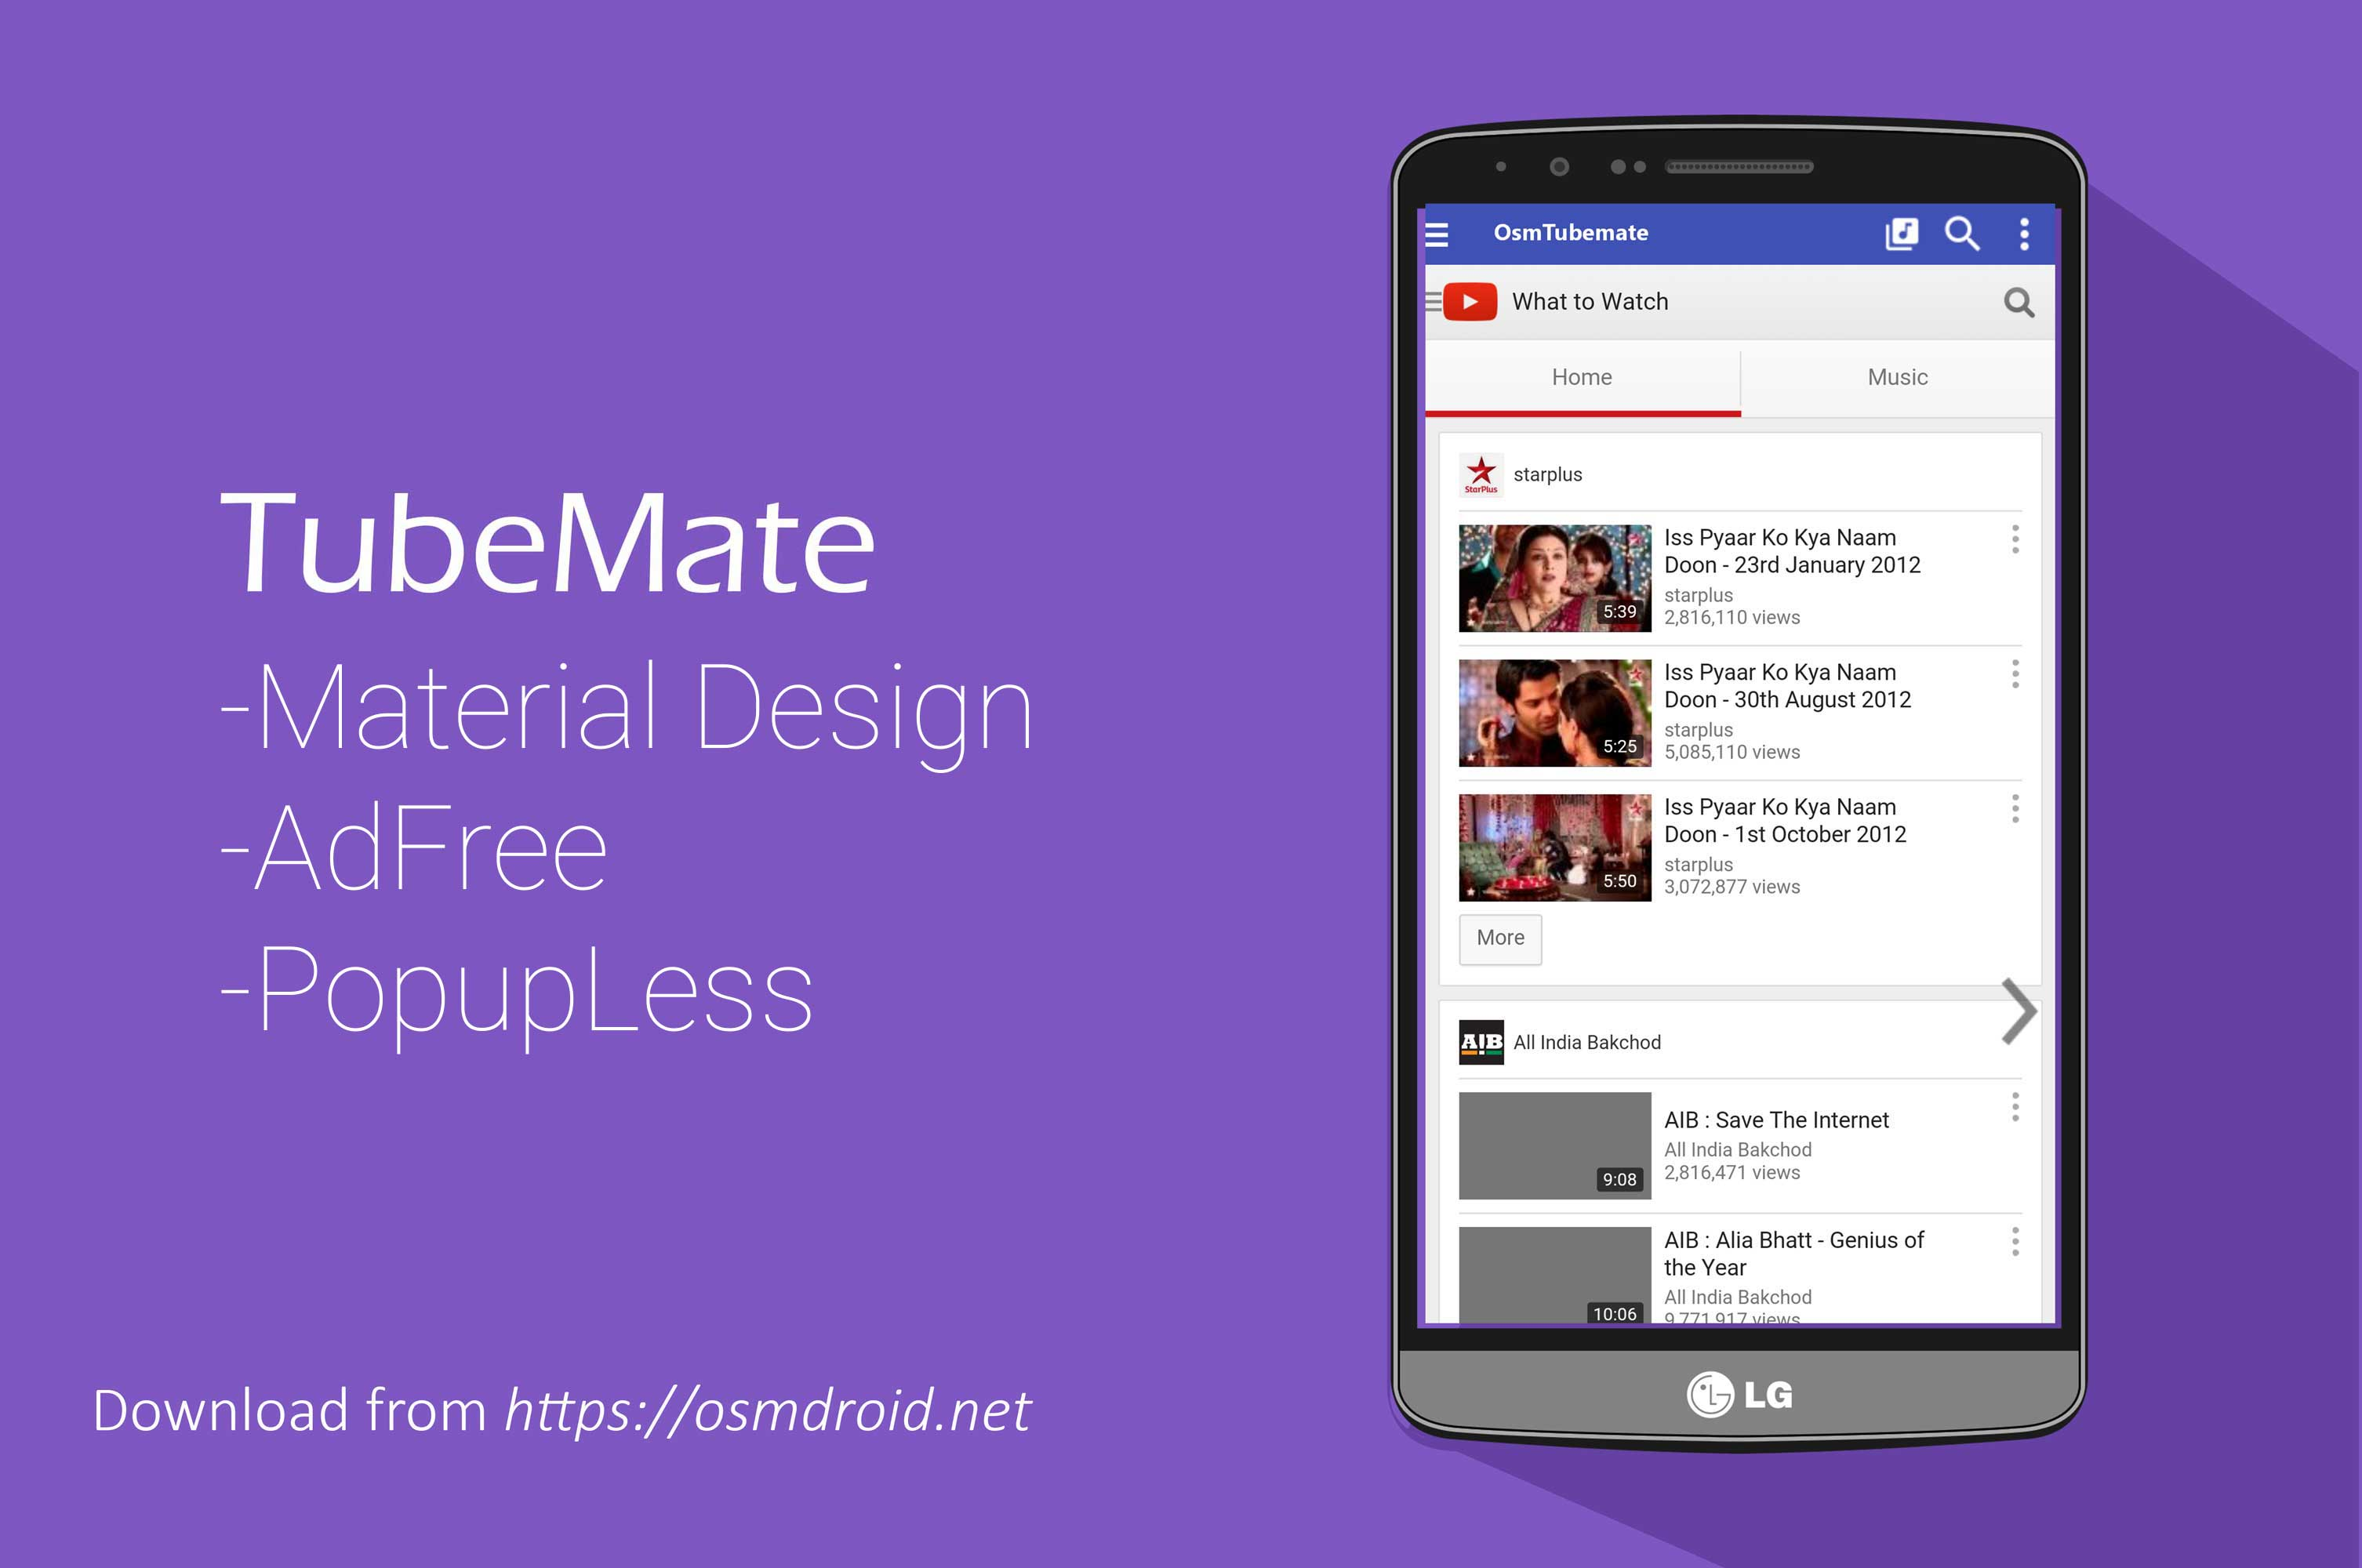 Tubemate 2.2.5.638 AdFree Material Design APK Android